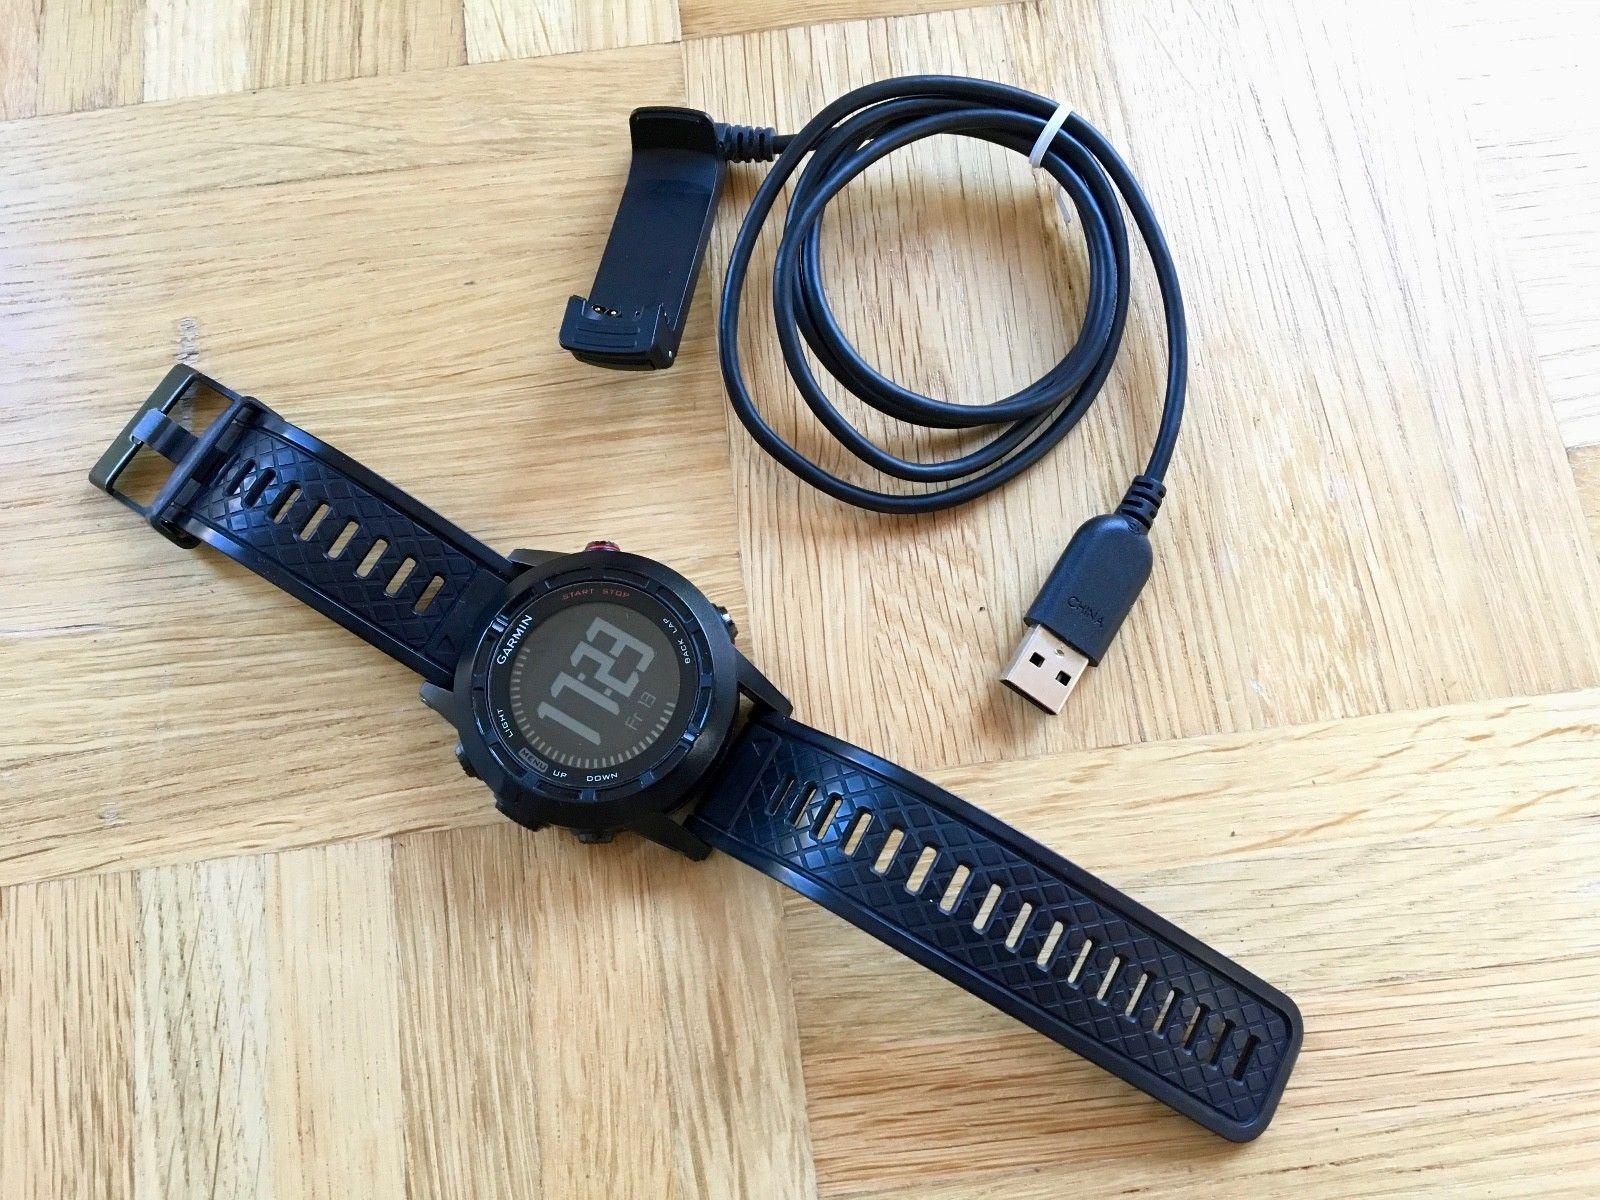 GARMIN fenix 2 GPS Sportuhr Multisport Uhr, guter Zustand